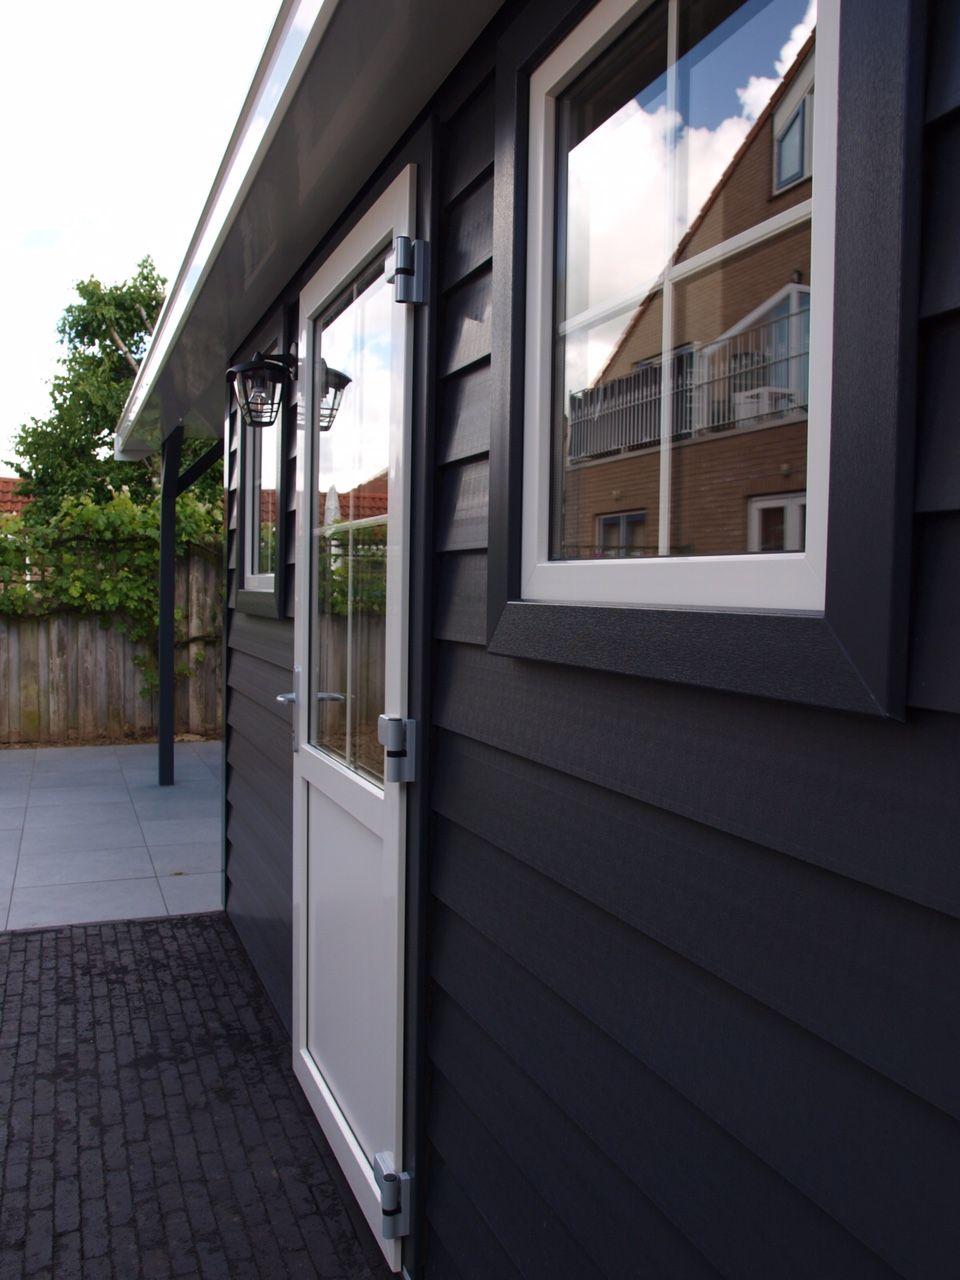 Kunststoff Gartenhaus Verona Mit Veranda Oder Kleinem Dachuberstand In Abmessung Und Ausfuhrung Variabel Summer House Outdoor Decor Outdoor